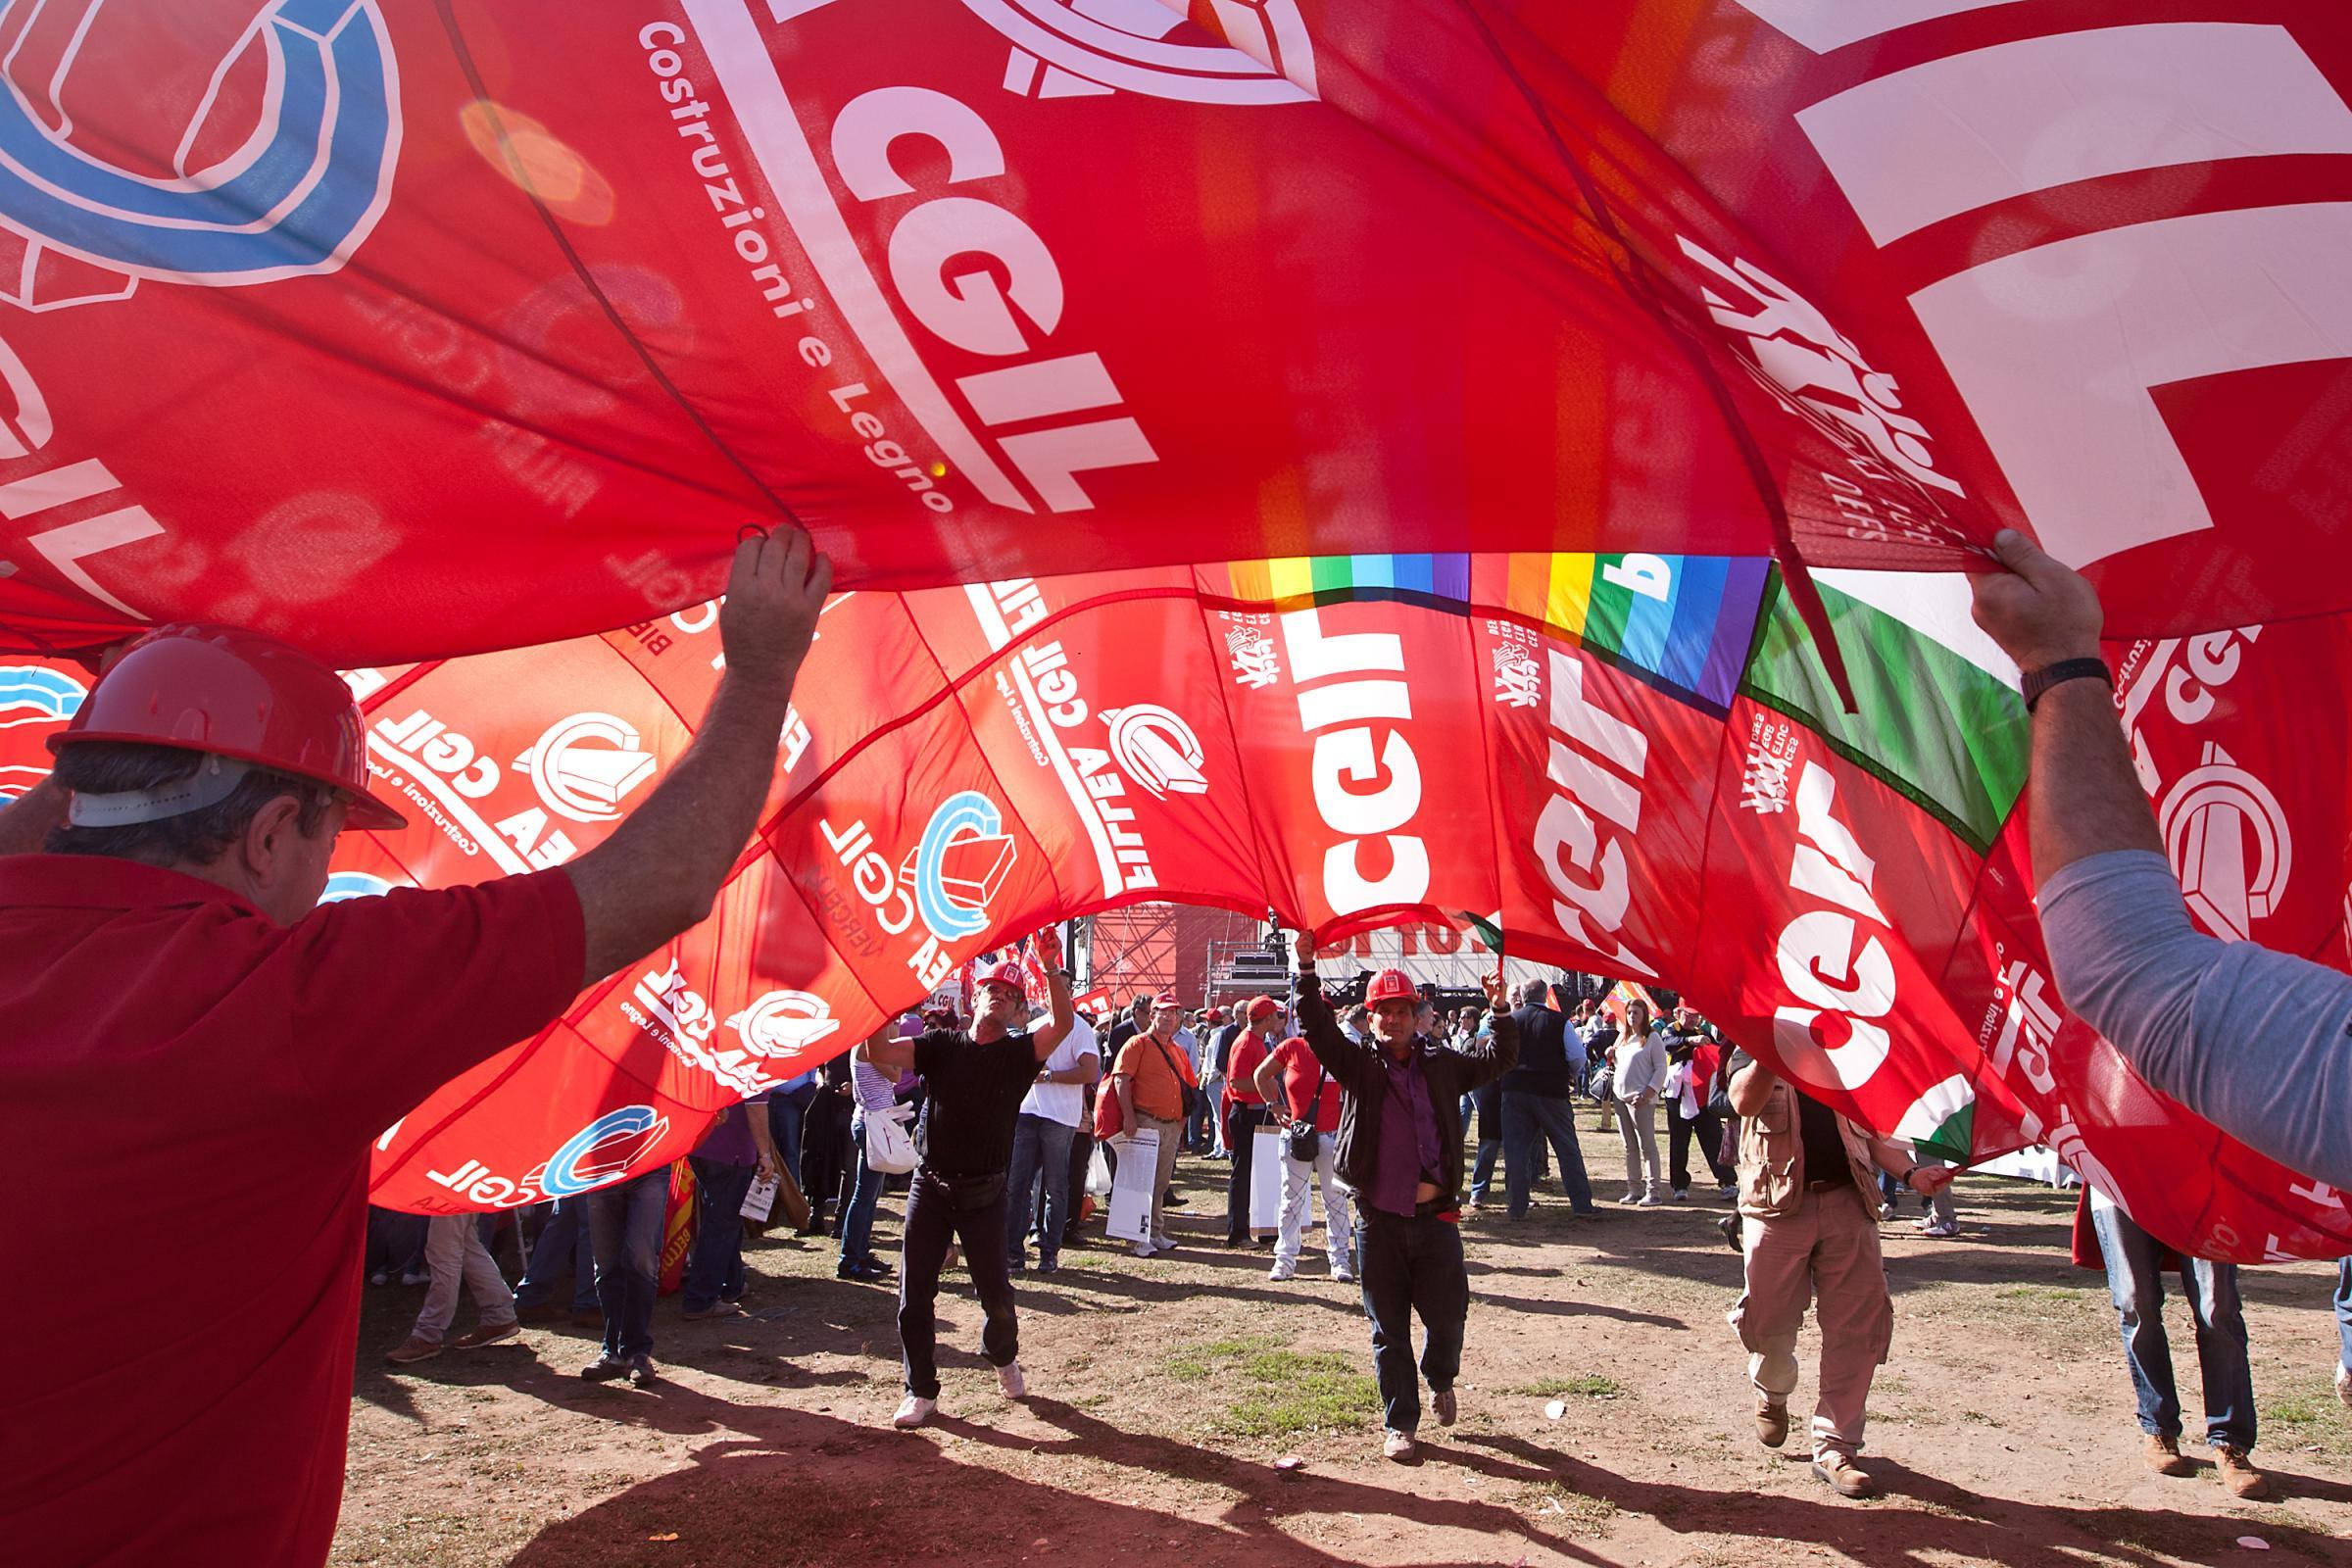 Elezioni R.S.U. nel pubblico impiego vince la  FP CGIL consolidando il primato.